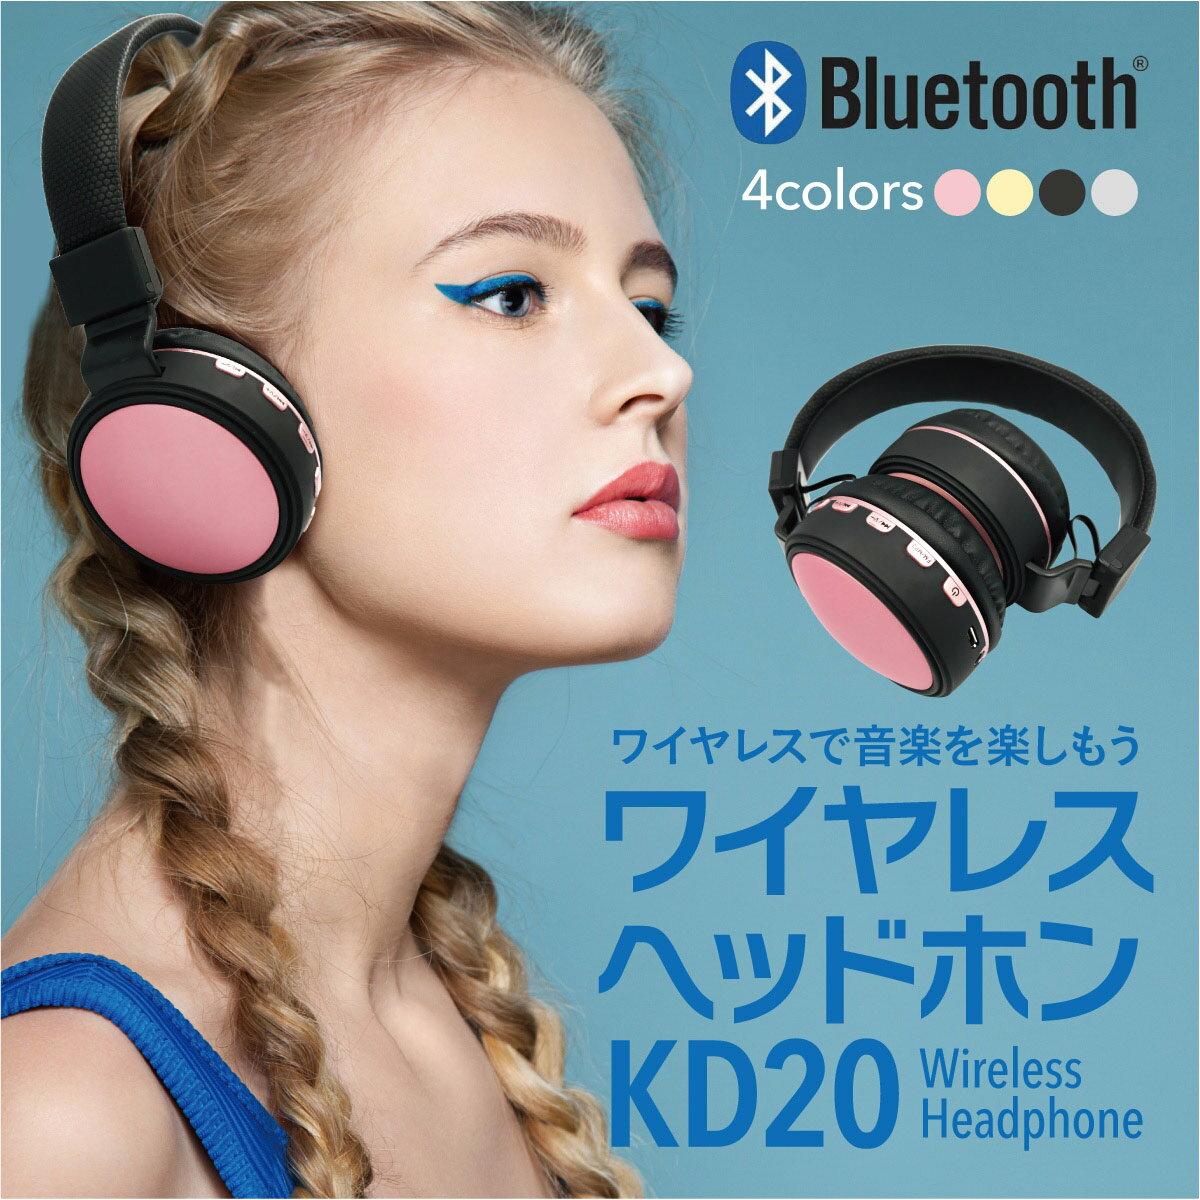 ワイヤレスヘッドホン ワイヤレス ヘッドホン ヘッドセット Bluetooth iphone 両耳 スポーツイヤホン ハンズフリー ワイヤレス おしゃれ kd20